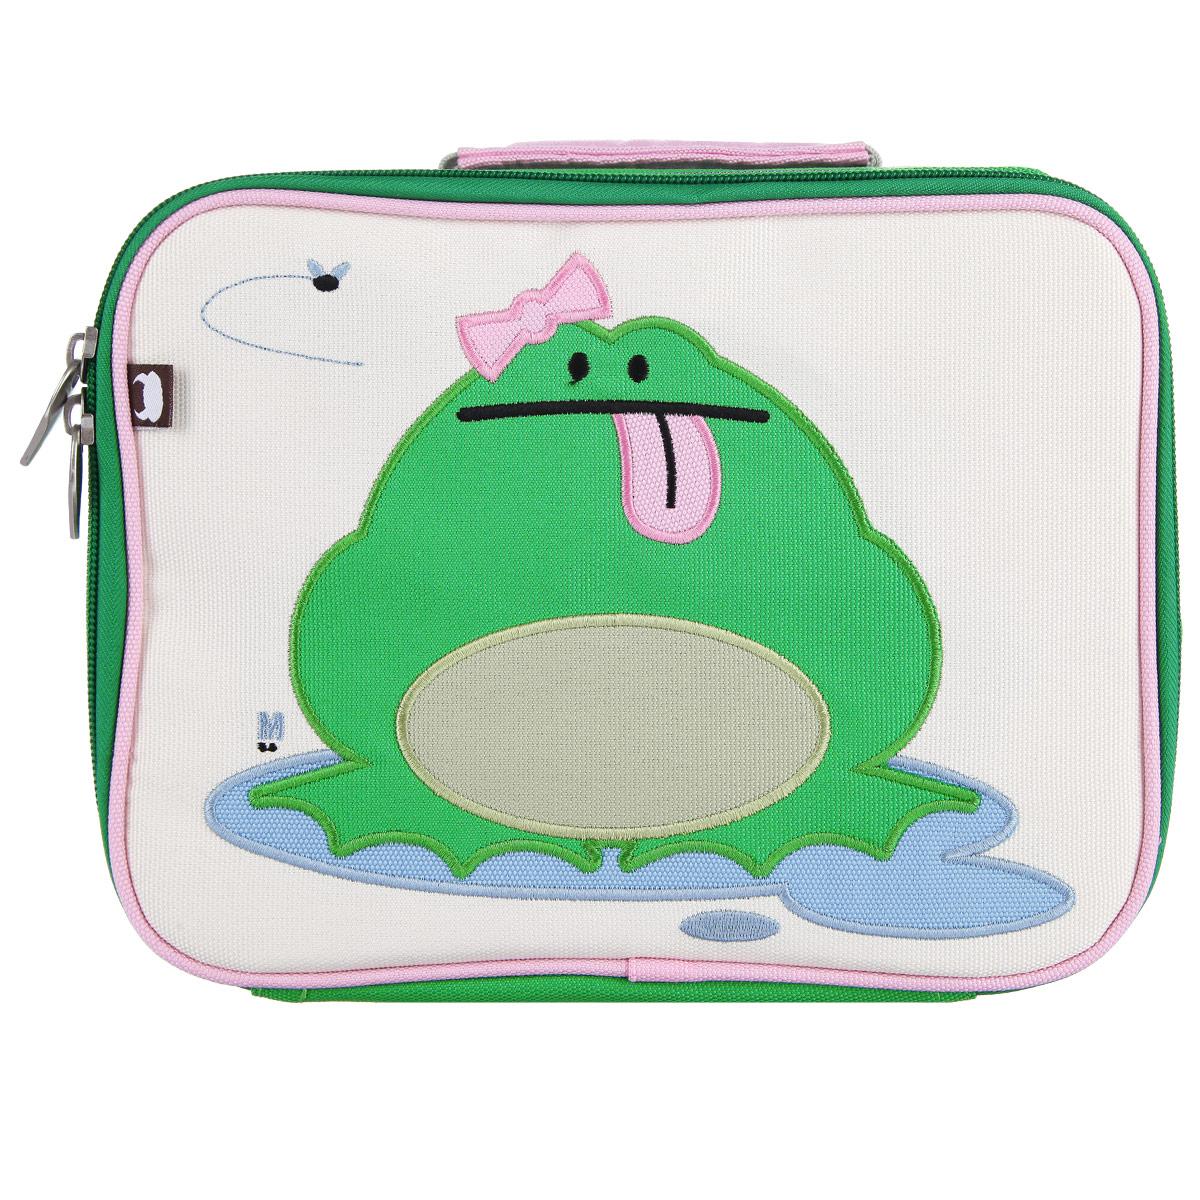 Ланч-Бокс Katarina - Frog, цвет: зеленый, бежевый